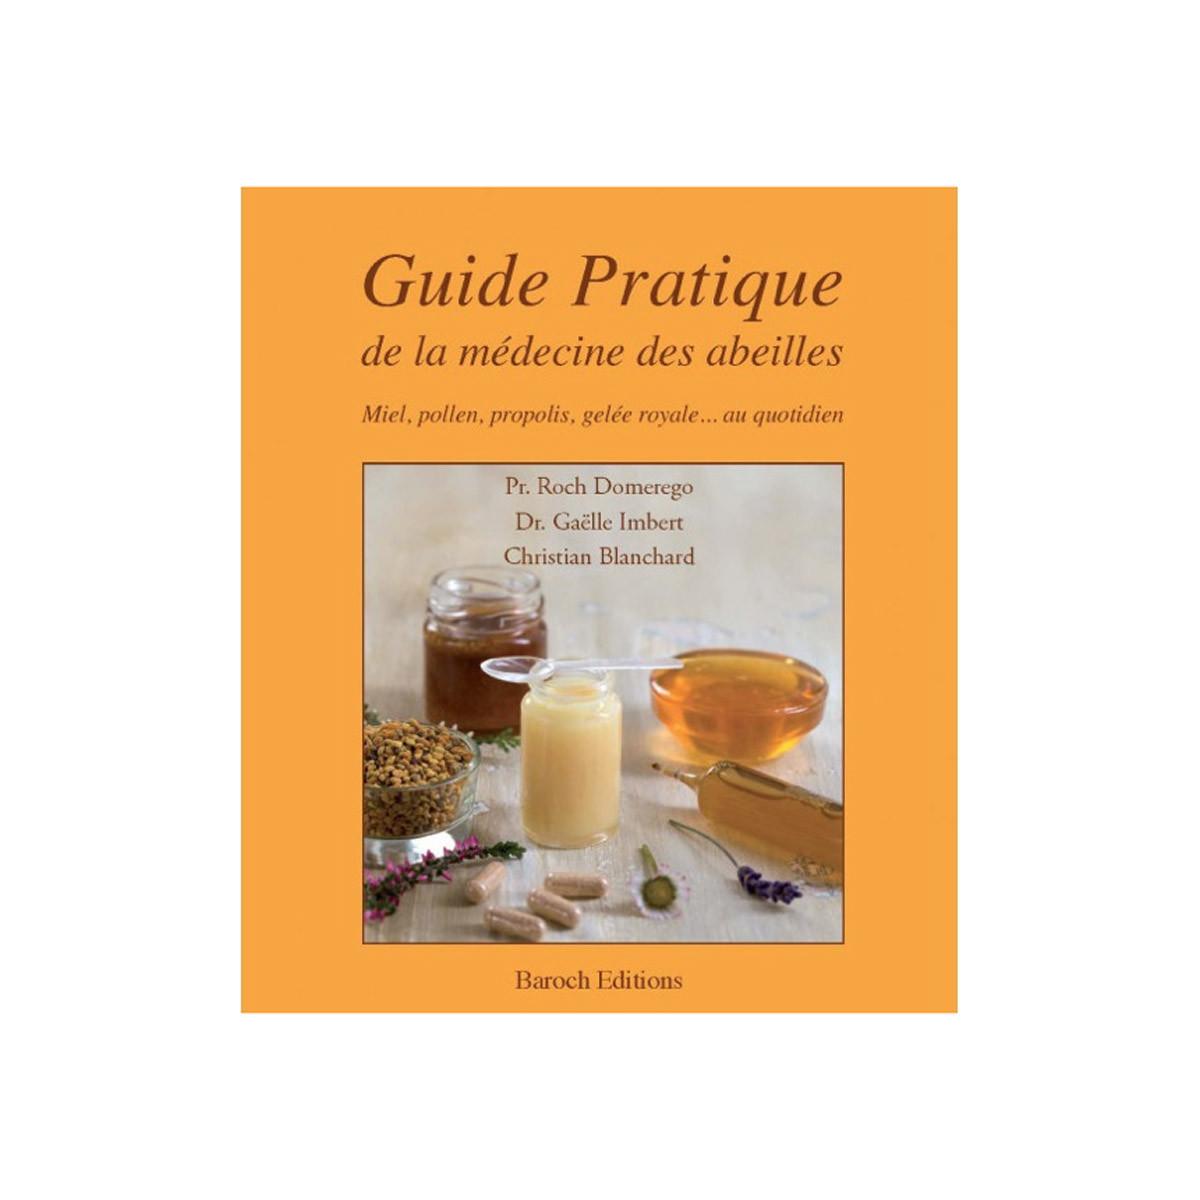 Guide pratique de la...